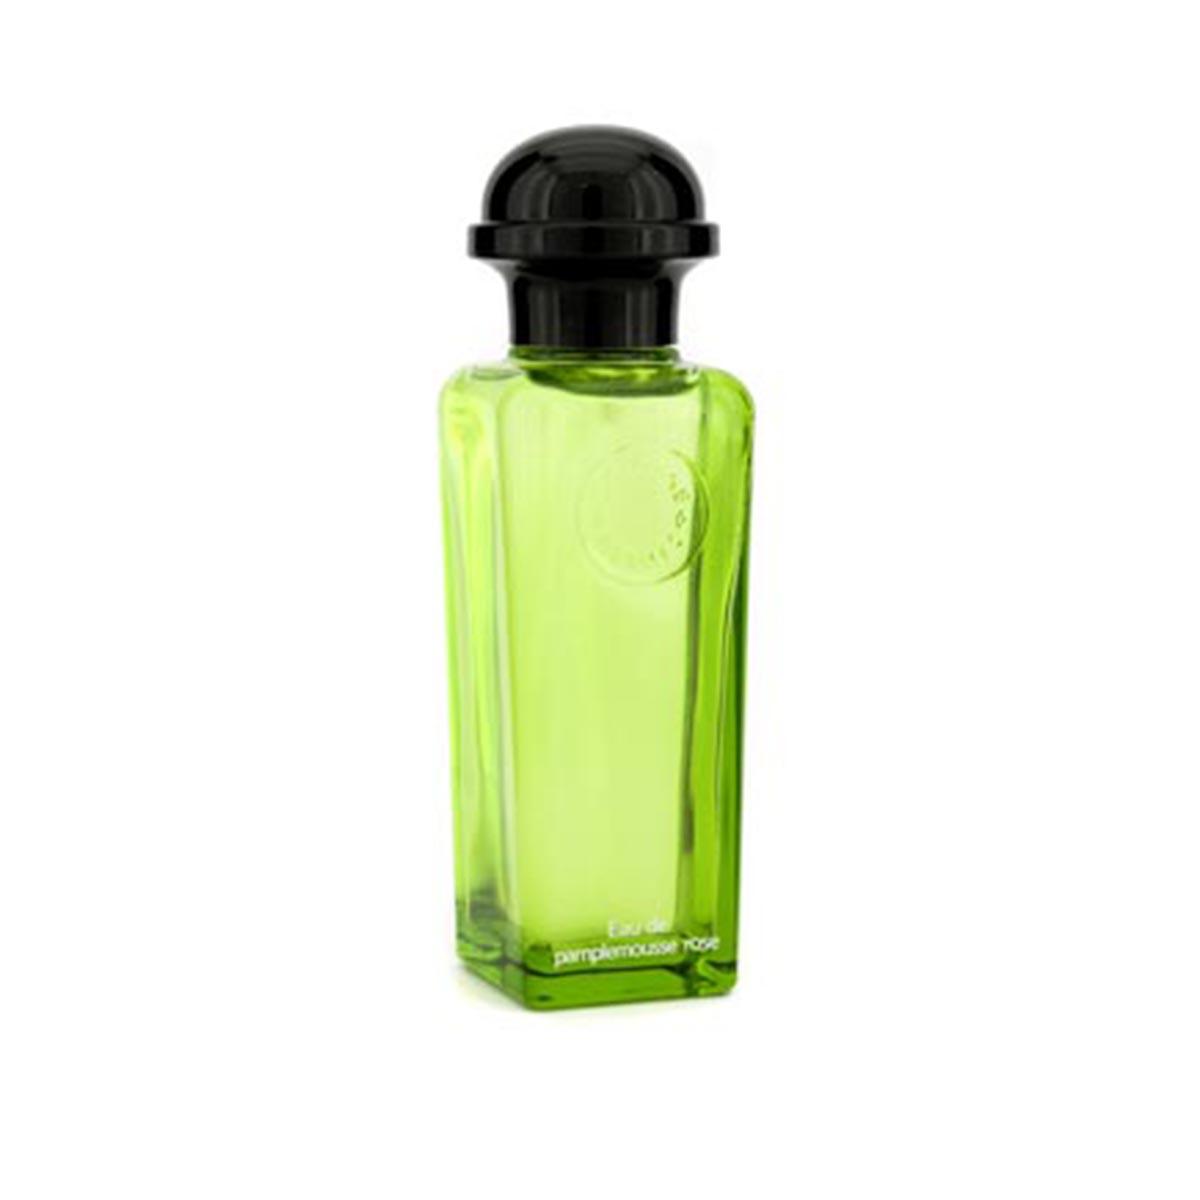 Hermes pamplemousse rose eau de cologne 50ml vaporizador